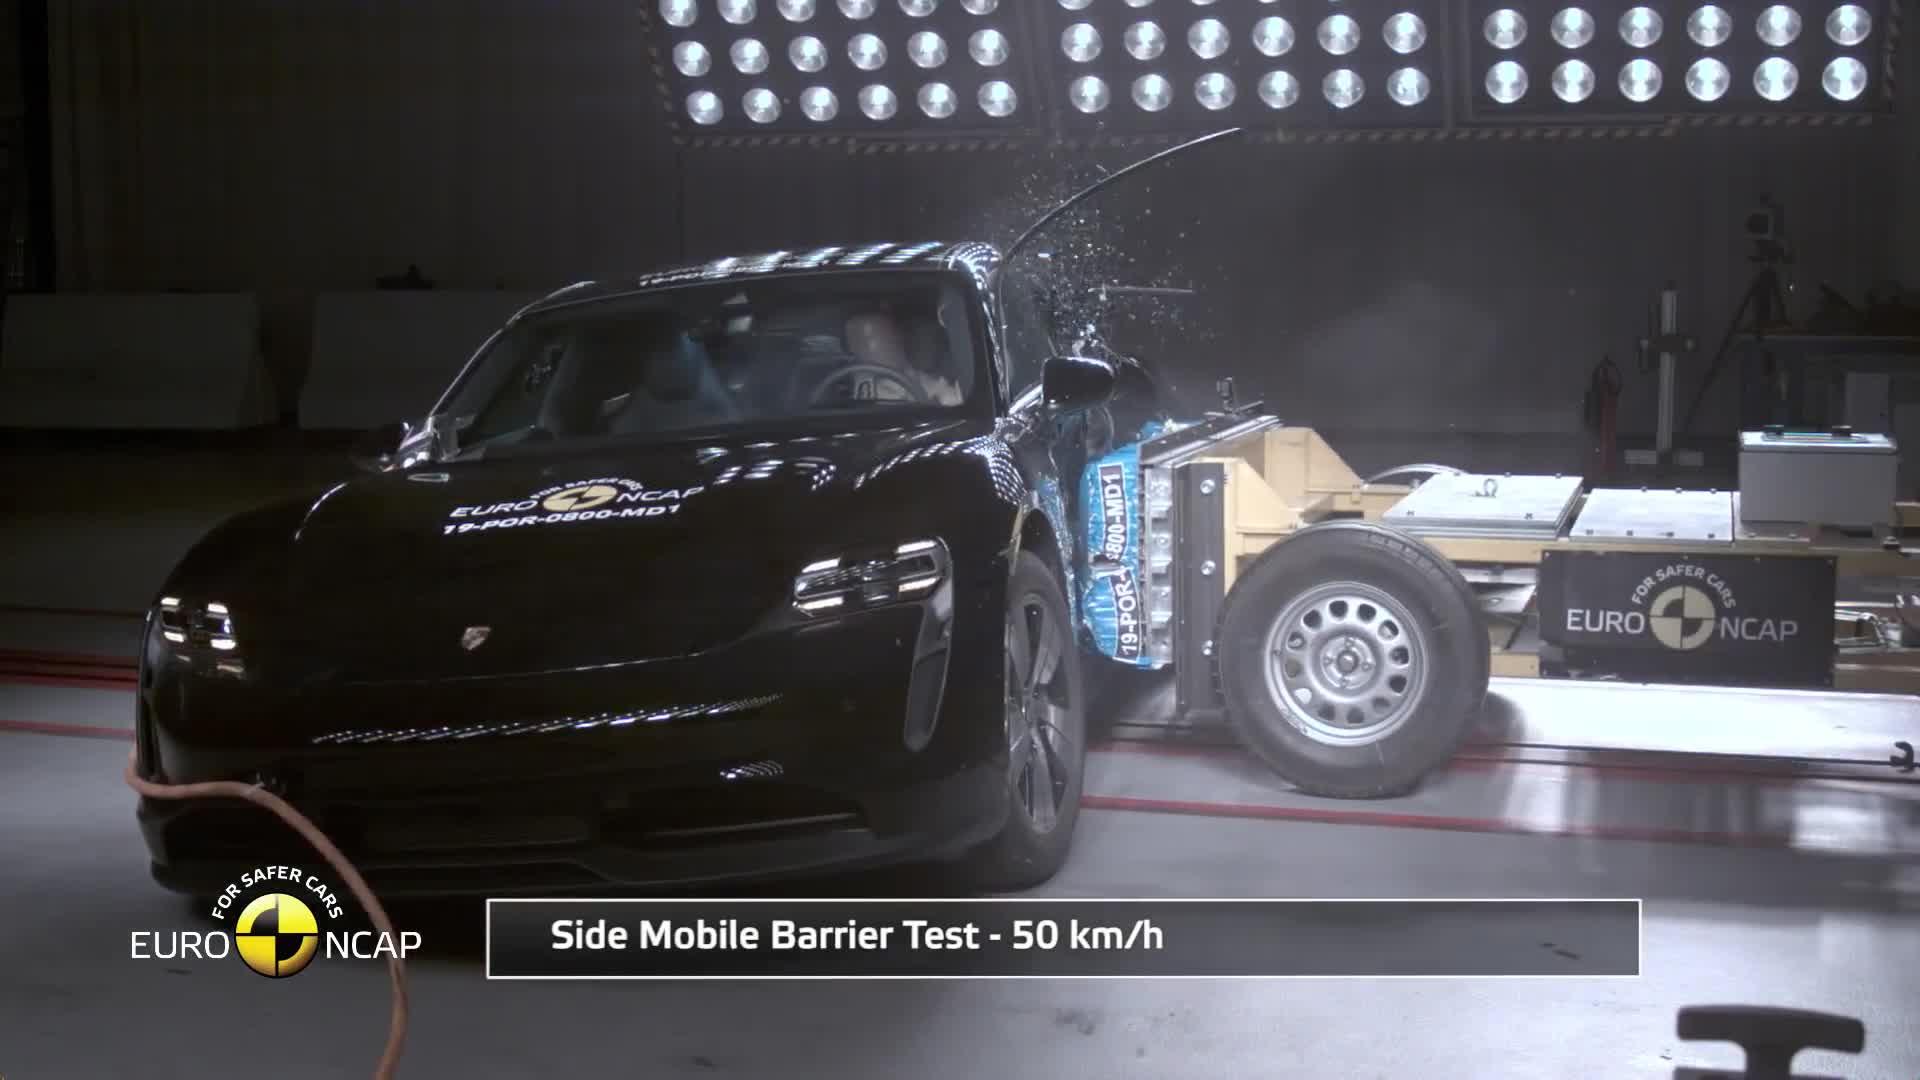 Thử nghiệm va chạm Porsche Taycan 2019